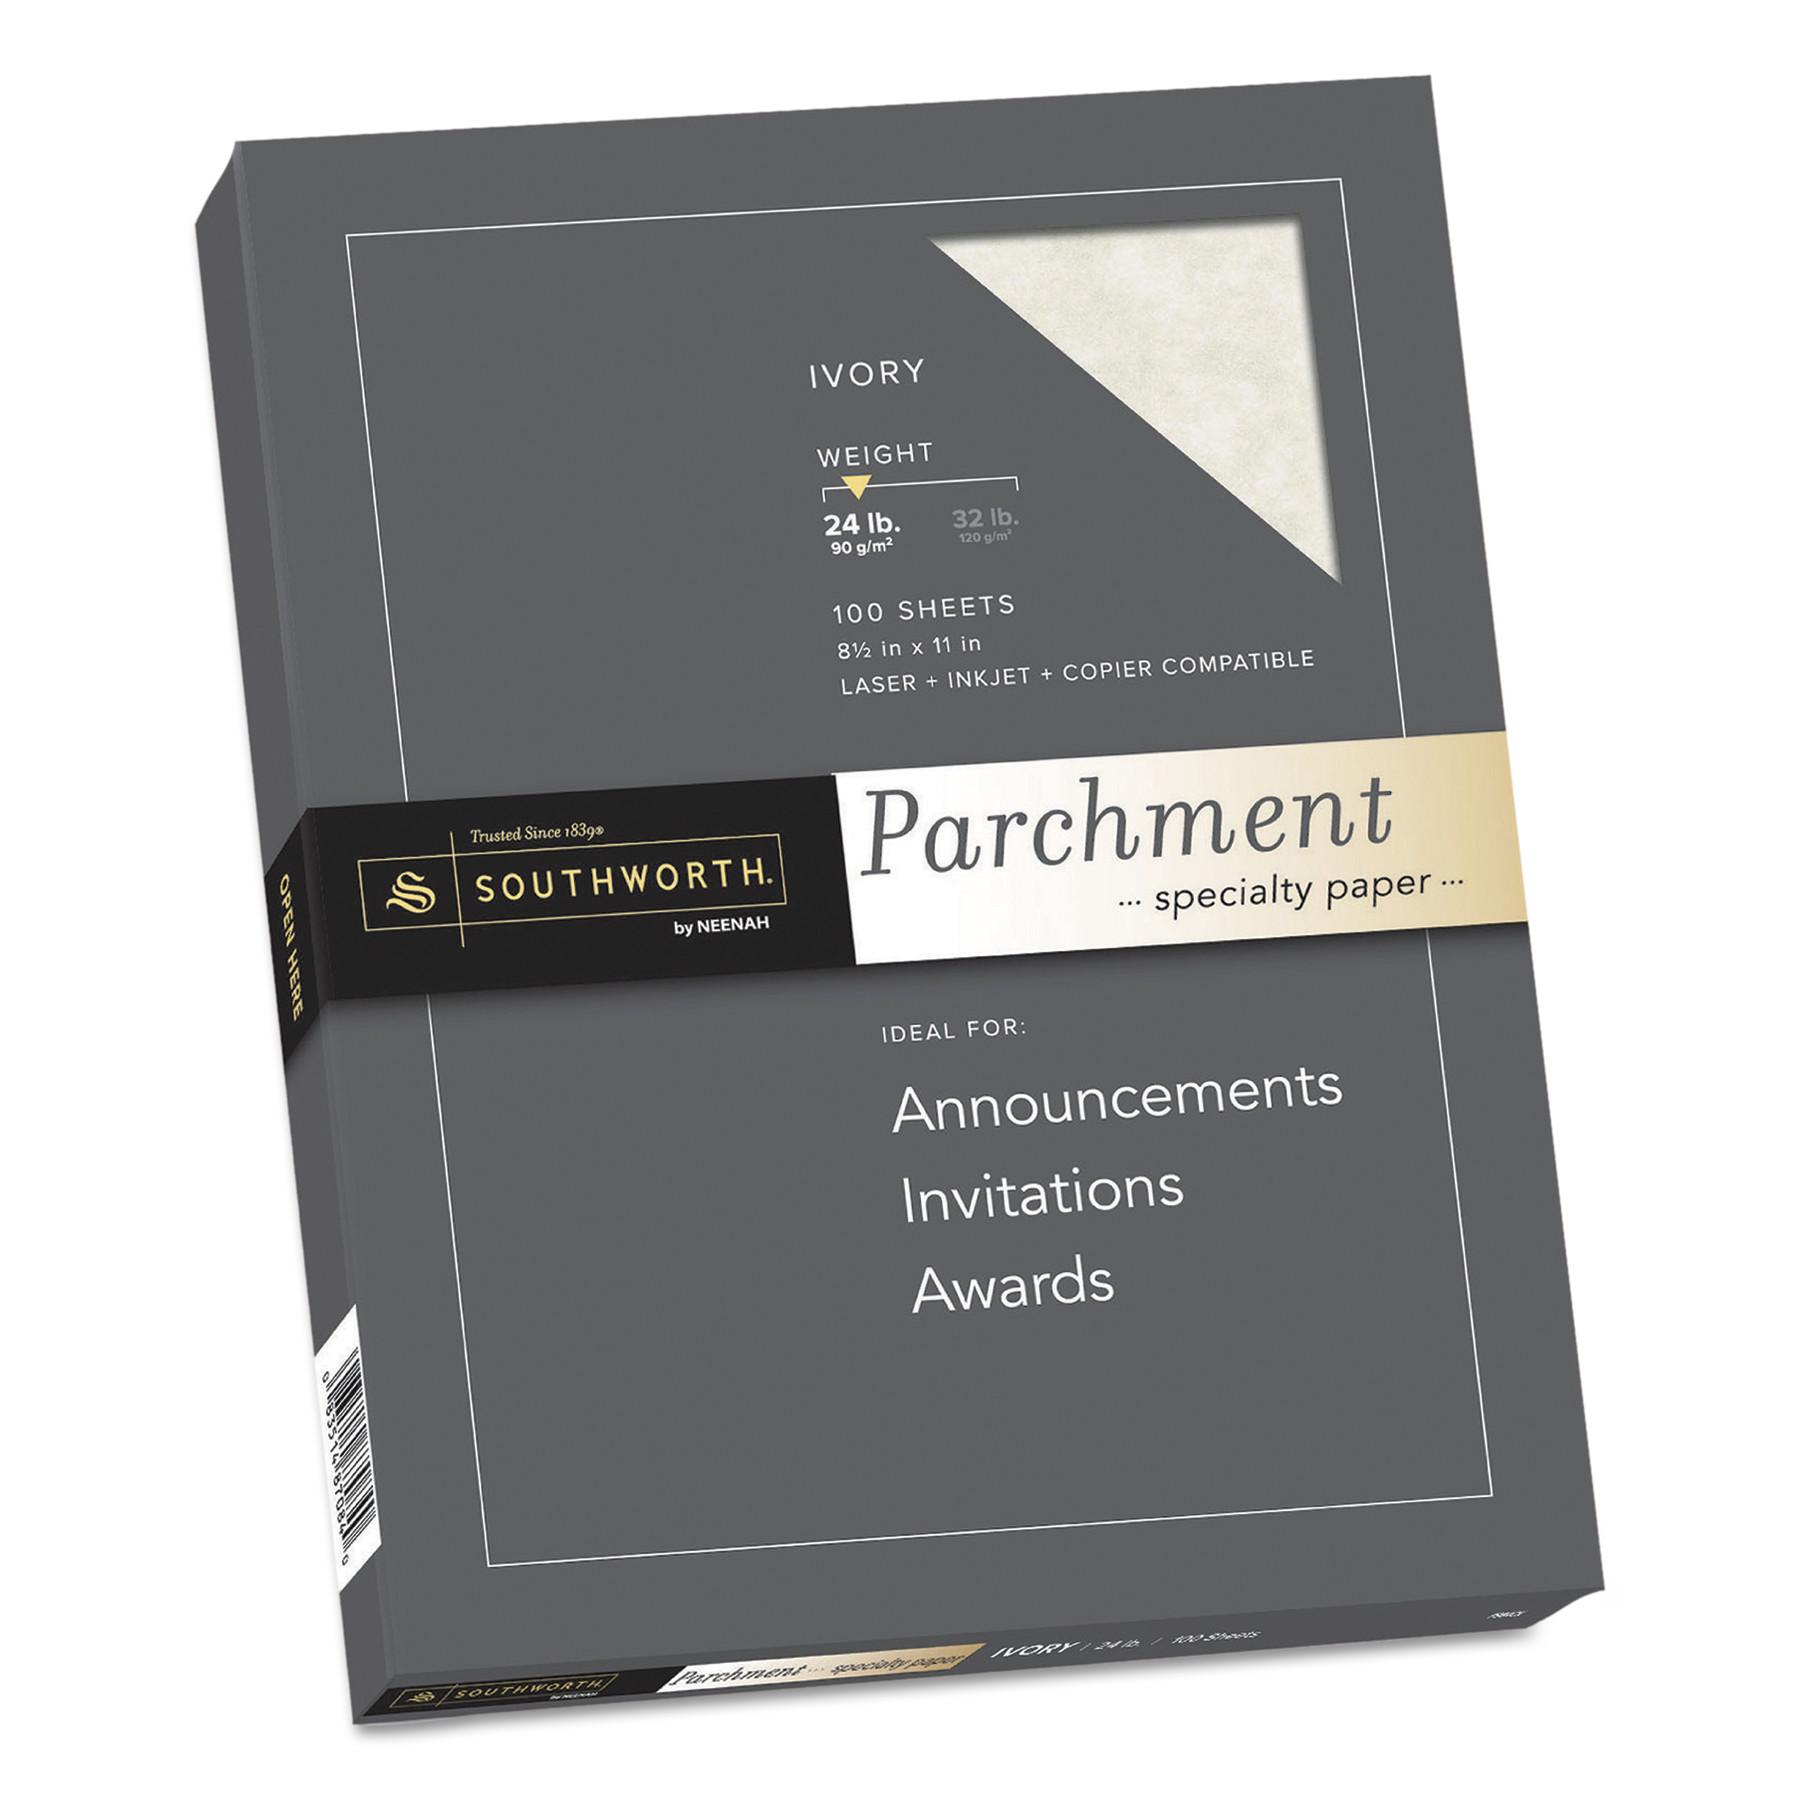 Southworth Parchment Specialty Paper, Ivory, 24lb, 8 1/2 x 11, 100 Sheets -SOUP984CK336